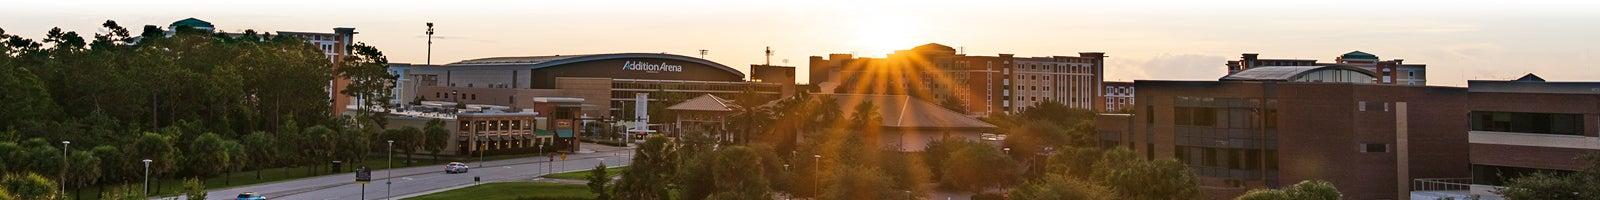 Aerial photo of UCF's campus